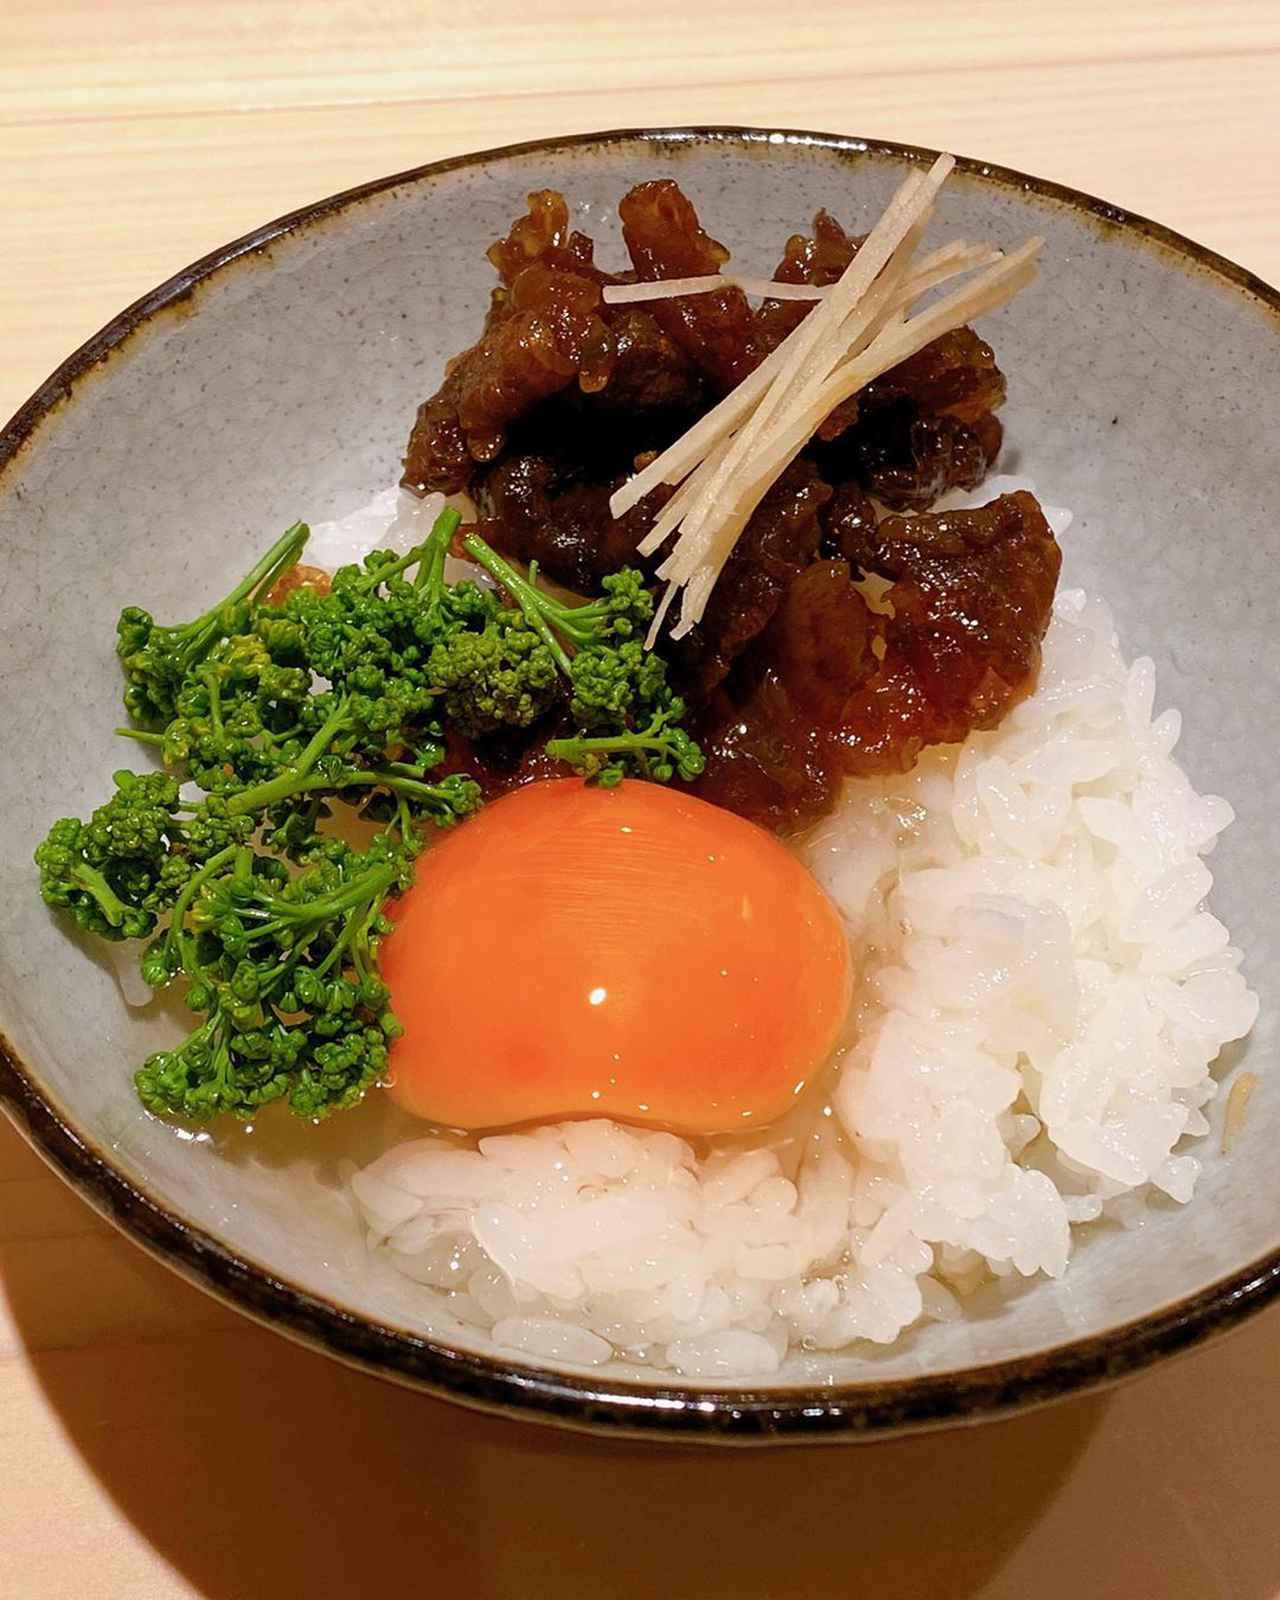 """画像1: 秋山具義 on Instagram: """"二ヶ月に一度のお楽しみ『新ばし 星野』。  一番好きな割烹です♡ 星野さんの人柄が出ているやさしく深い素晴らしい料理!!!  ここの白飯が世界一好きなのですが、 TKGに牛しぐれ煮と花山椒、 最高すぎでした〜!!!!!  #新ばし星野 #京味出身…"""" www.instagram.com"""